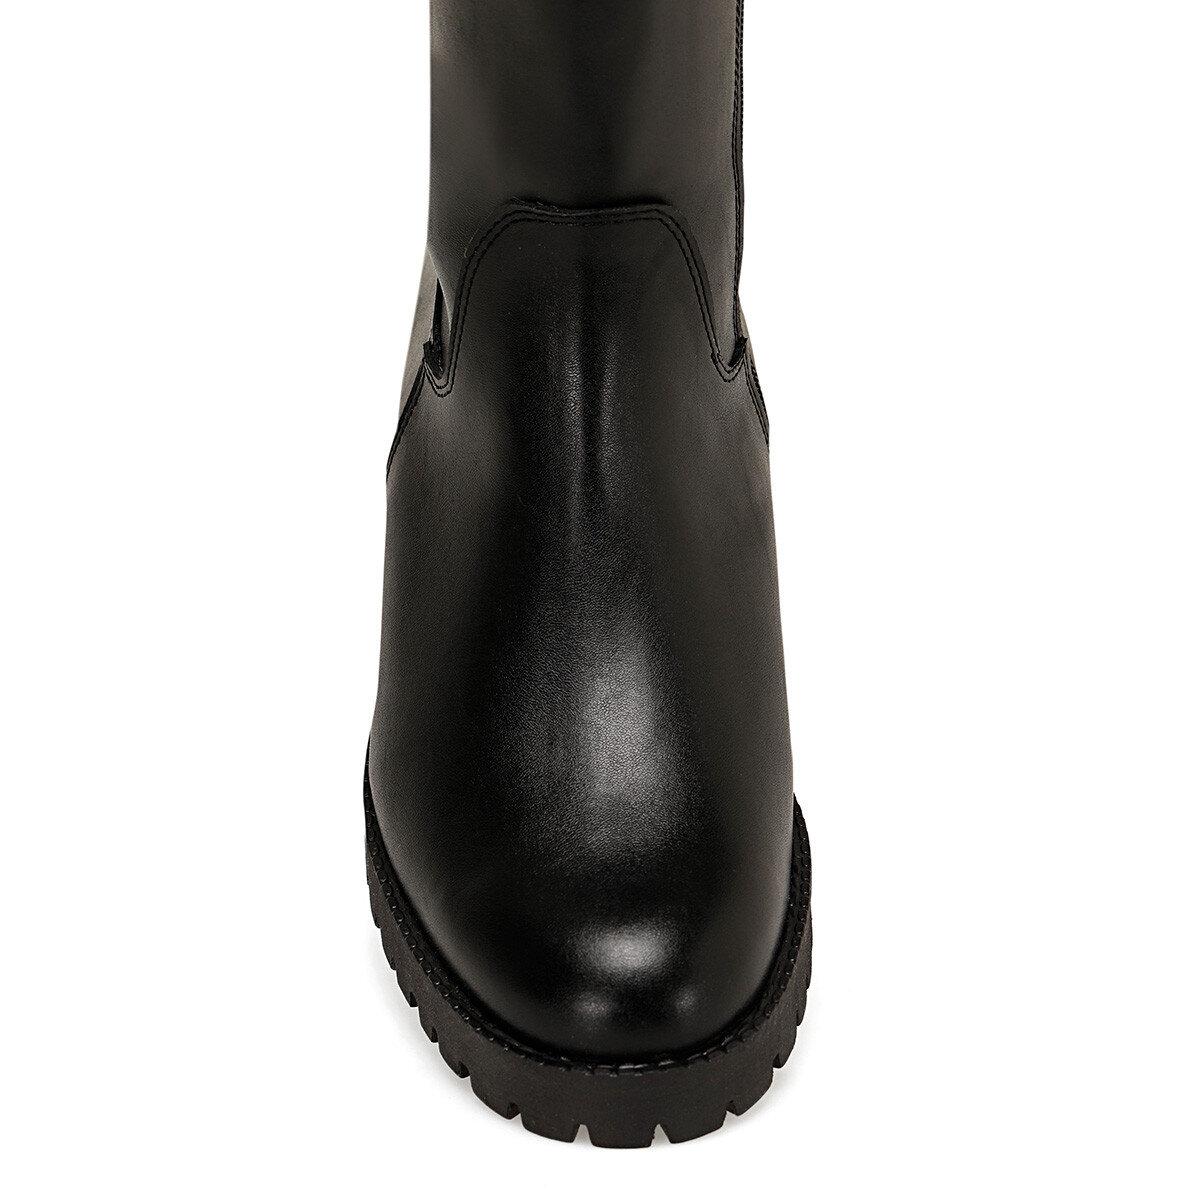 KORLE3 Siyah Kadın Çizme